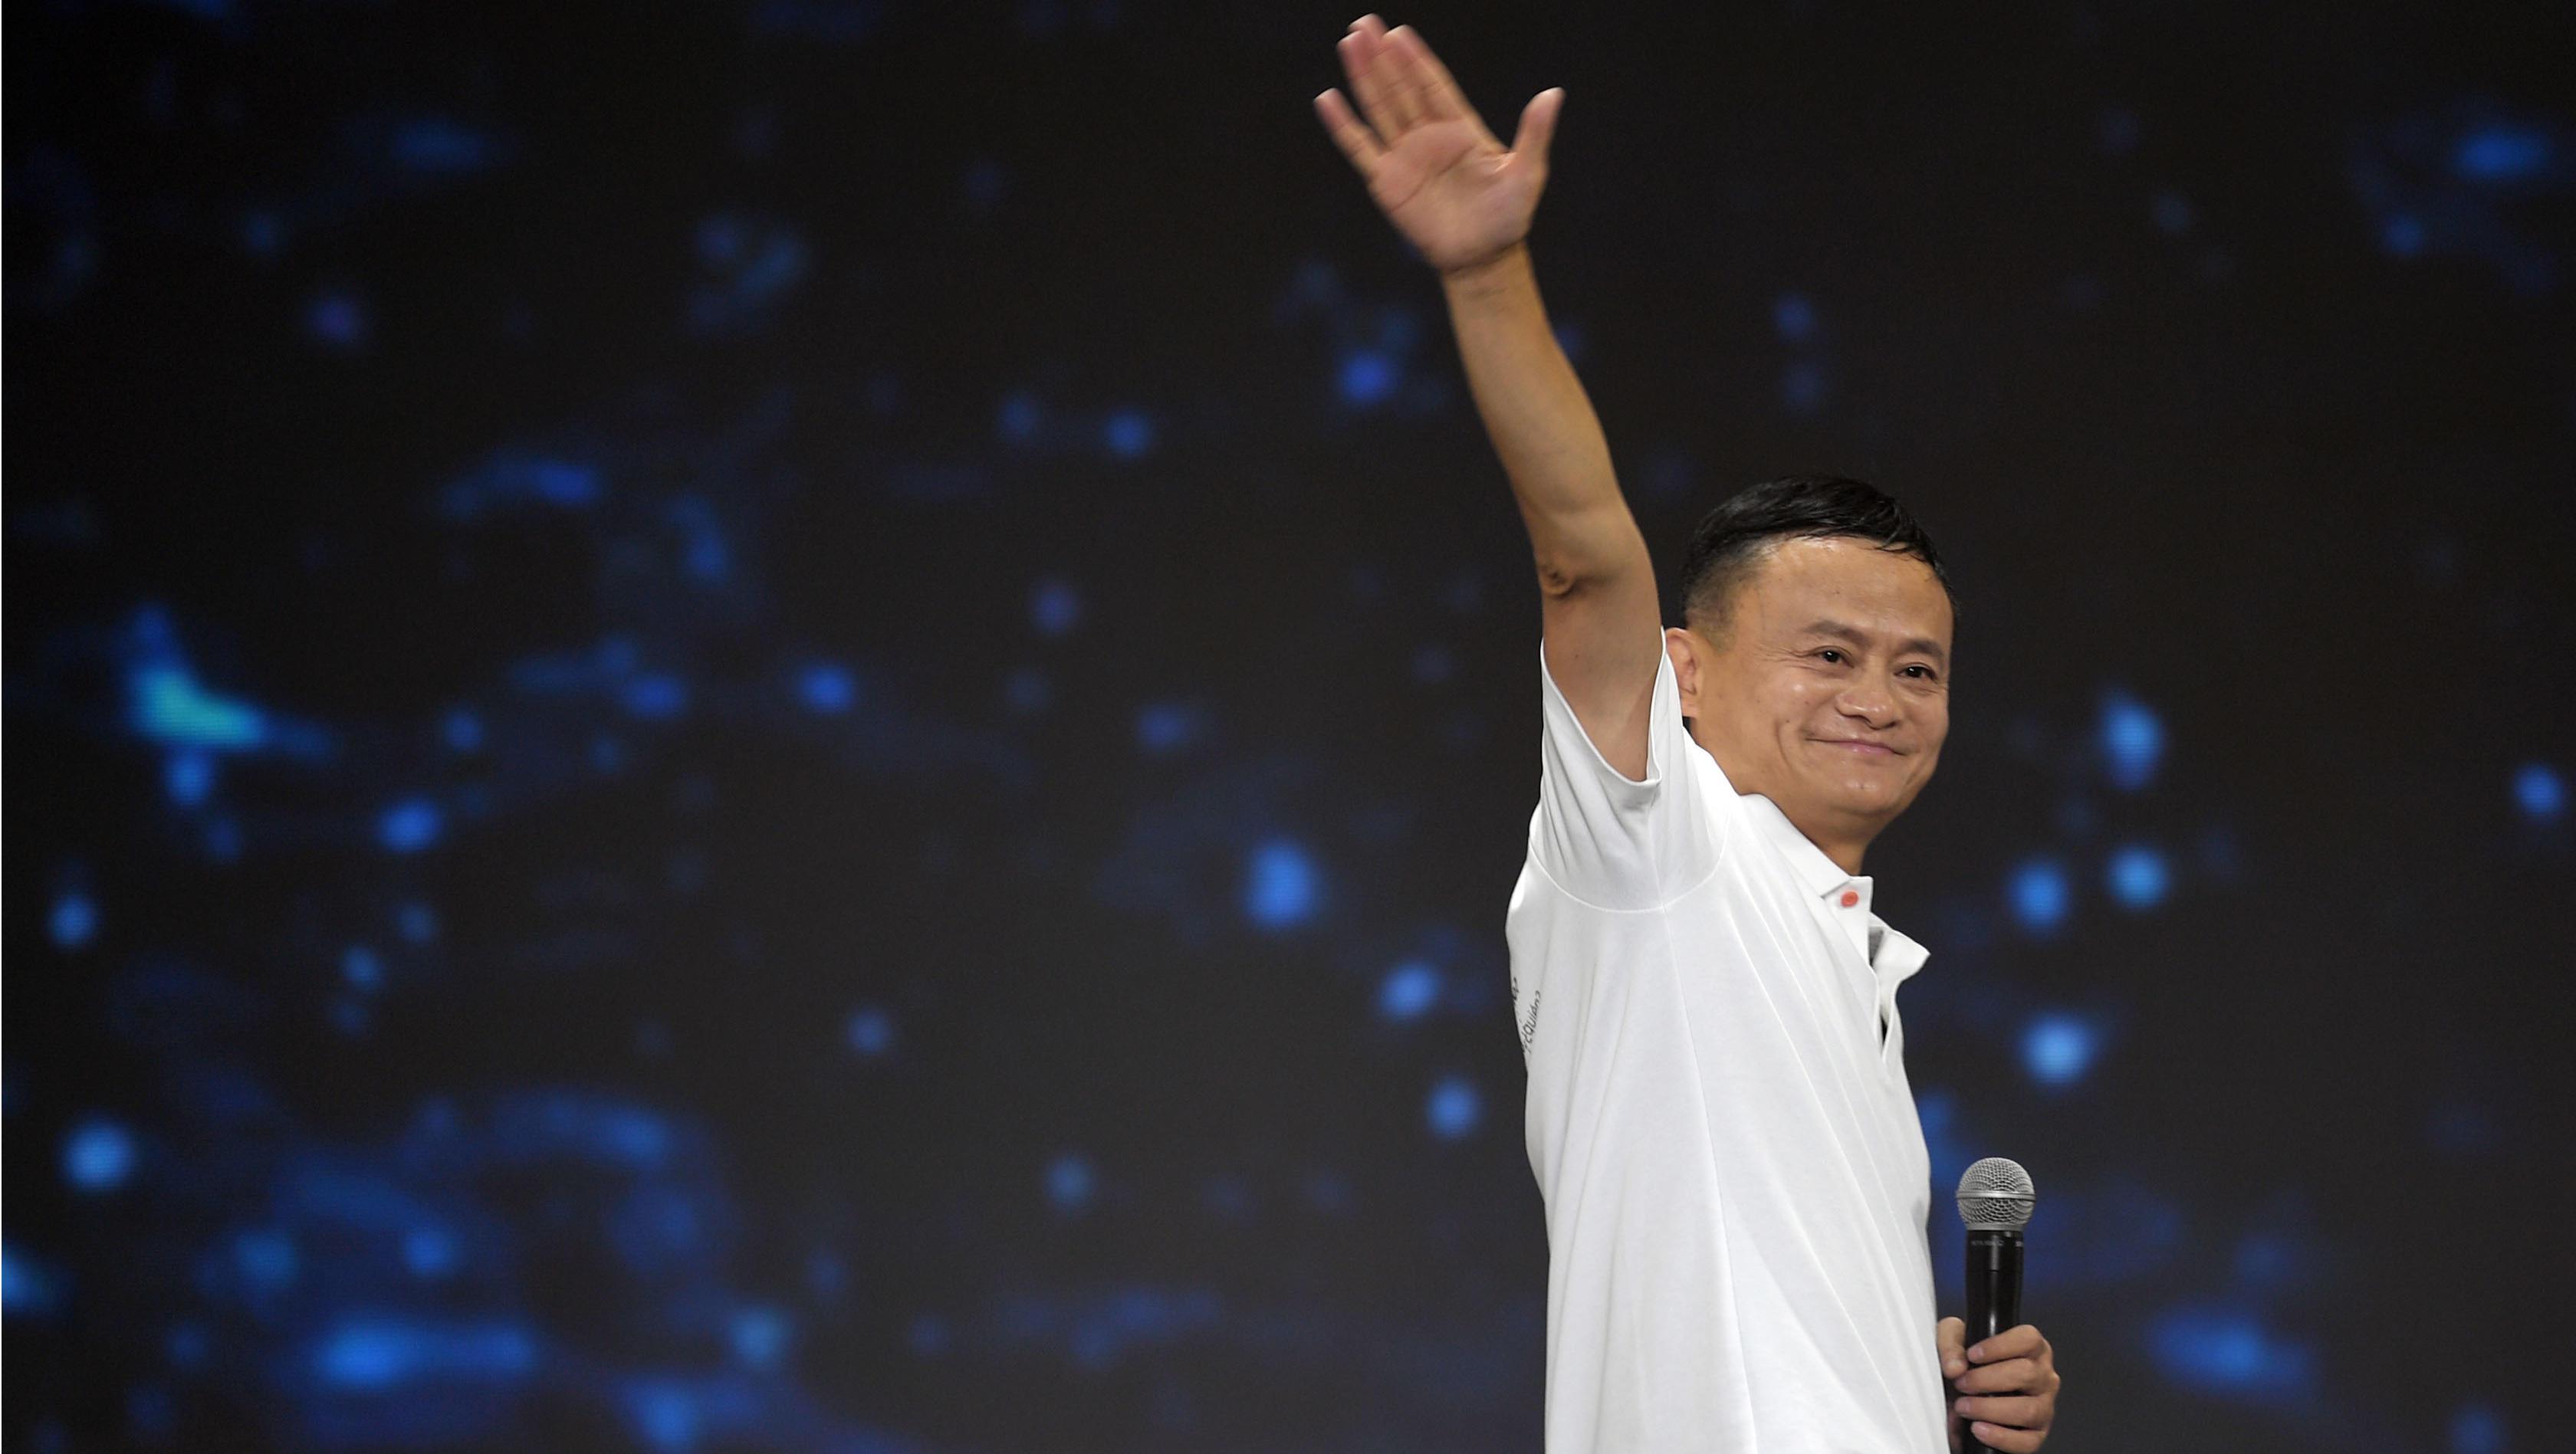 Alibaba setzt eigene Smart-Chips ein, um Abhängigkeit von US-Technologie zu verringern